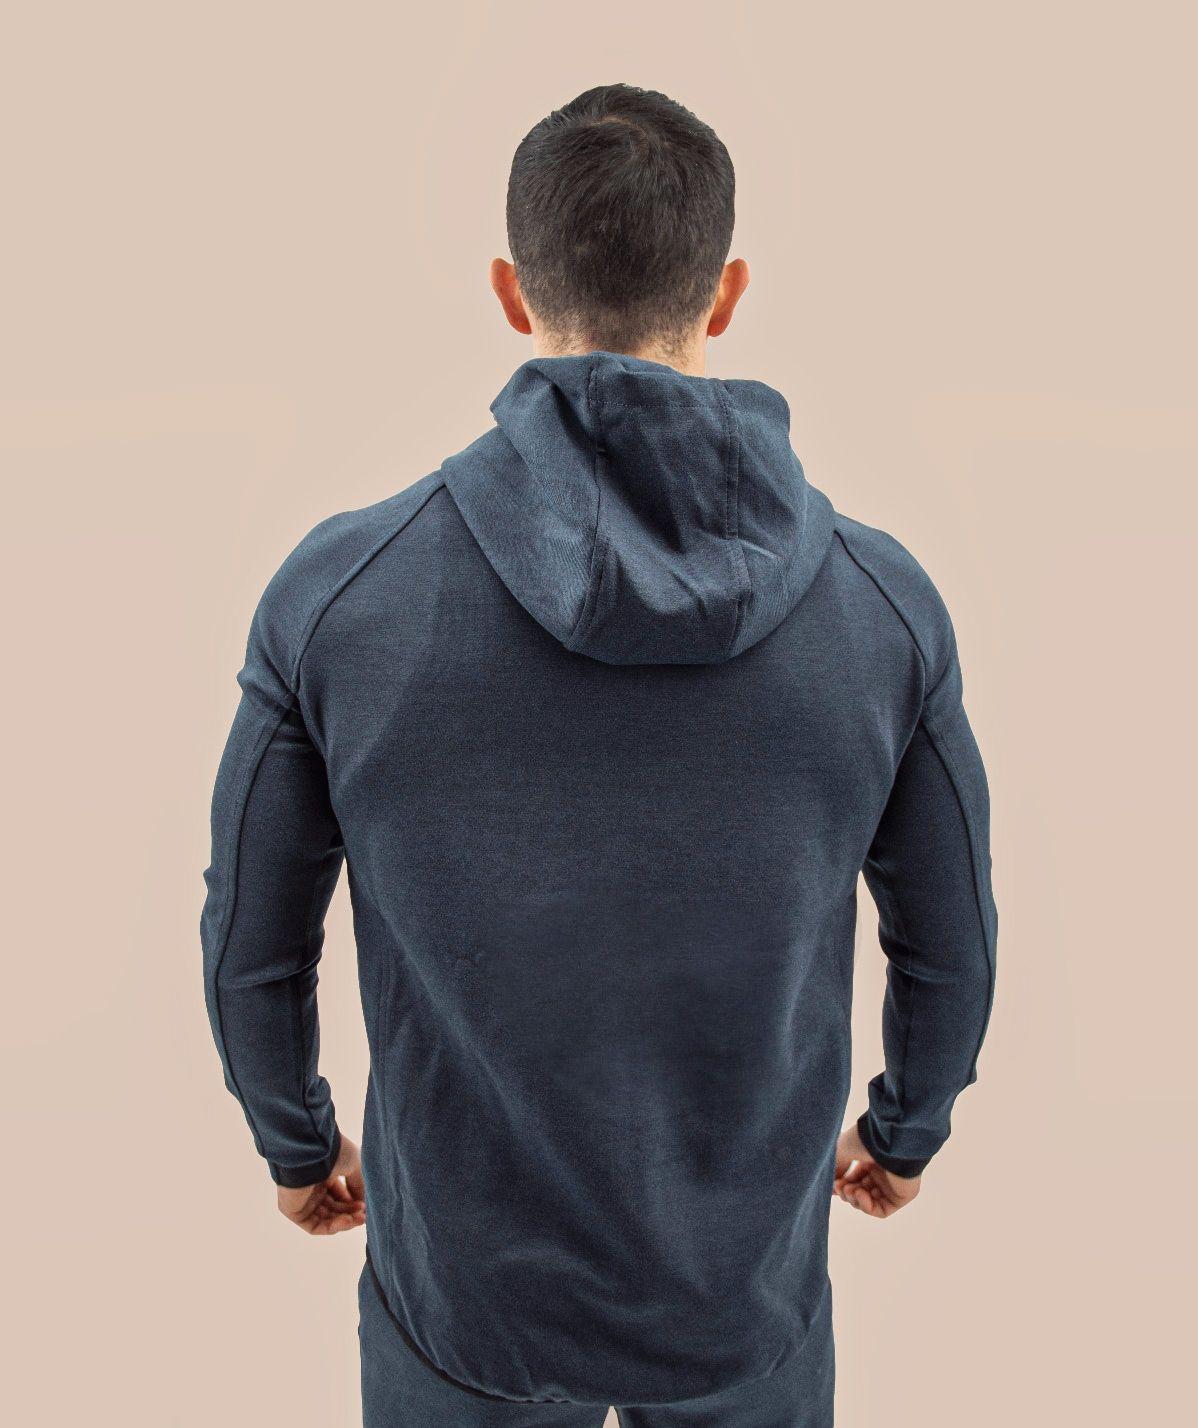 Veste de survêtement bleu